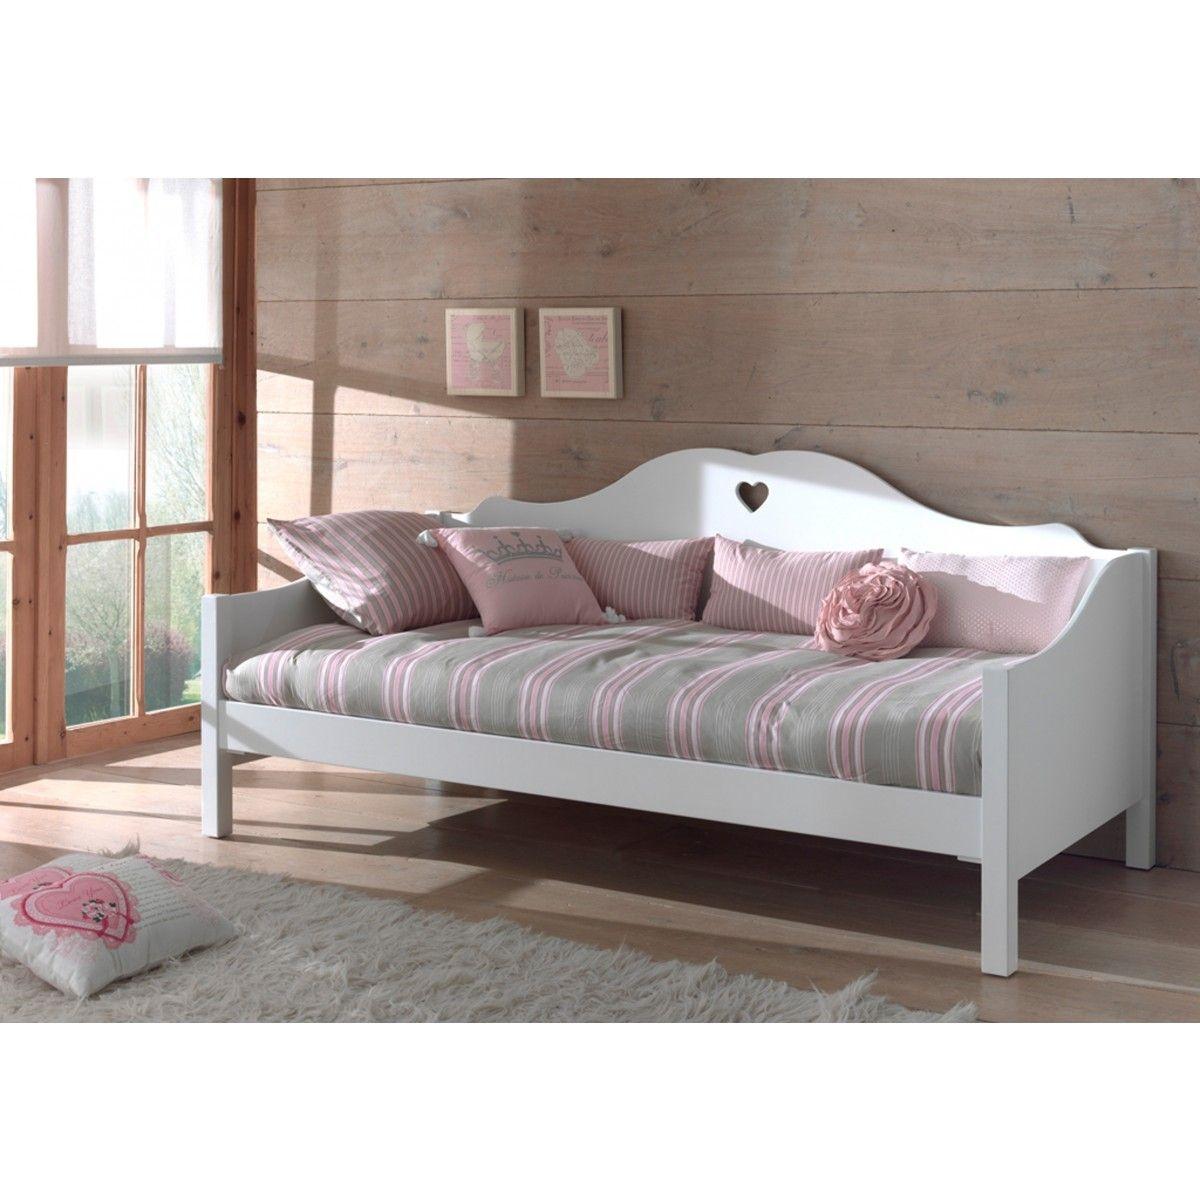 Lit canapé enfant bois blanc LC2001